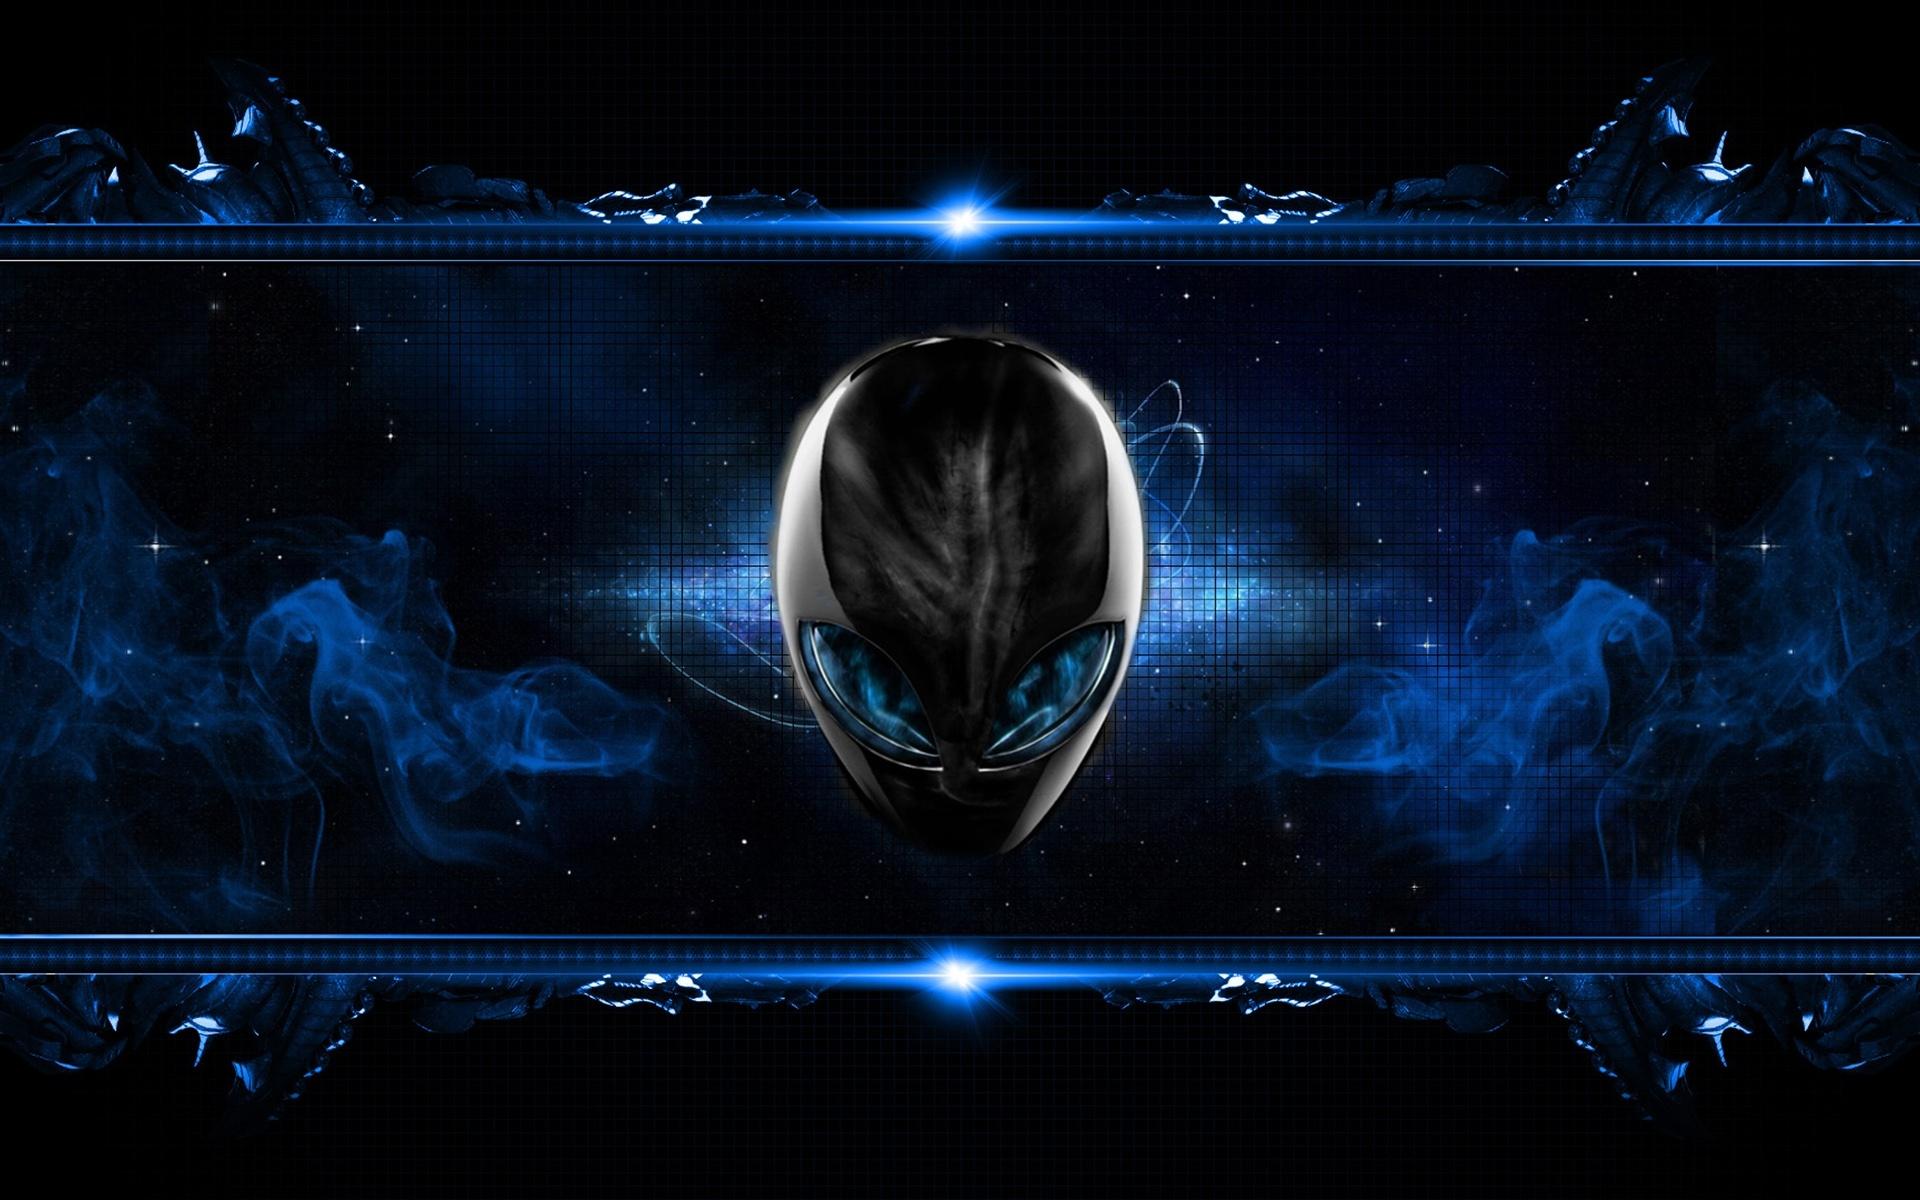 alienware 17 wallpaper - photo #15